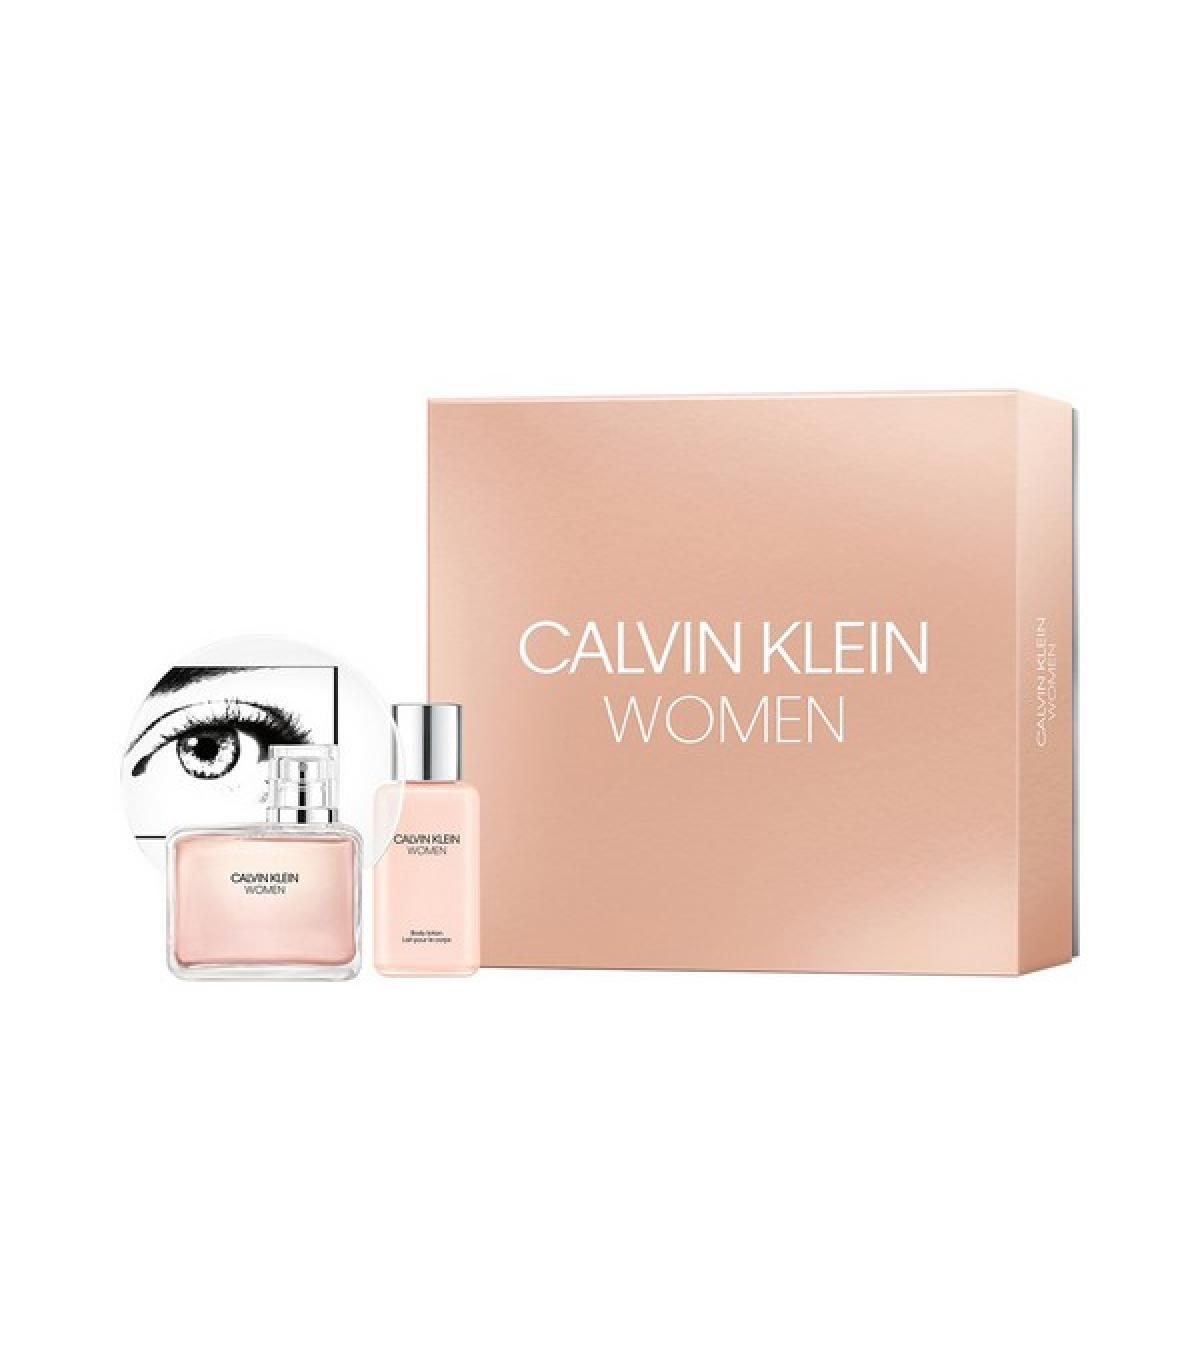 Set De Pcs Perfume Calvin Mujer Klein2 X8w0POkNn